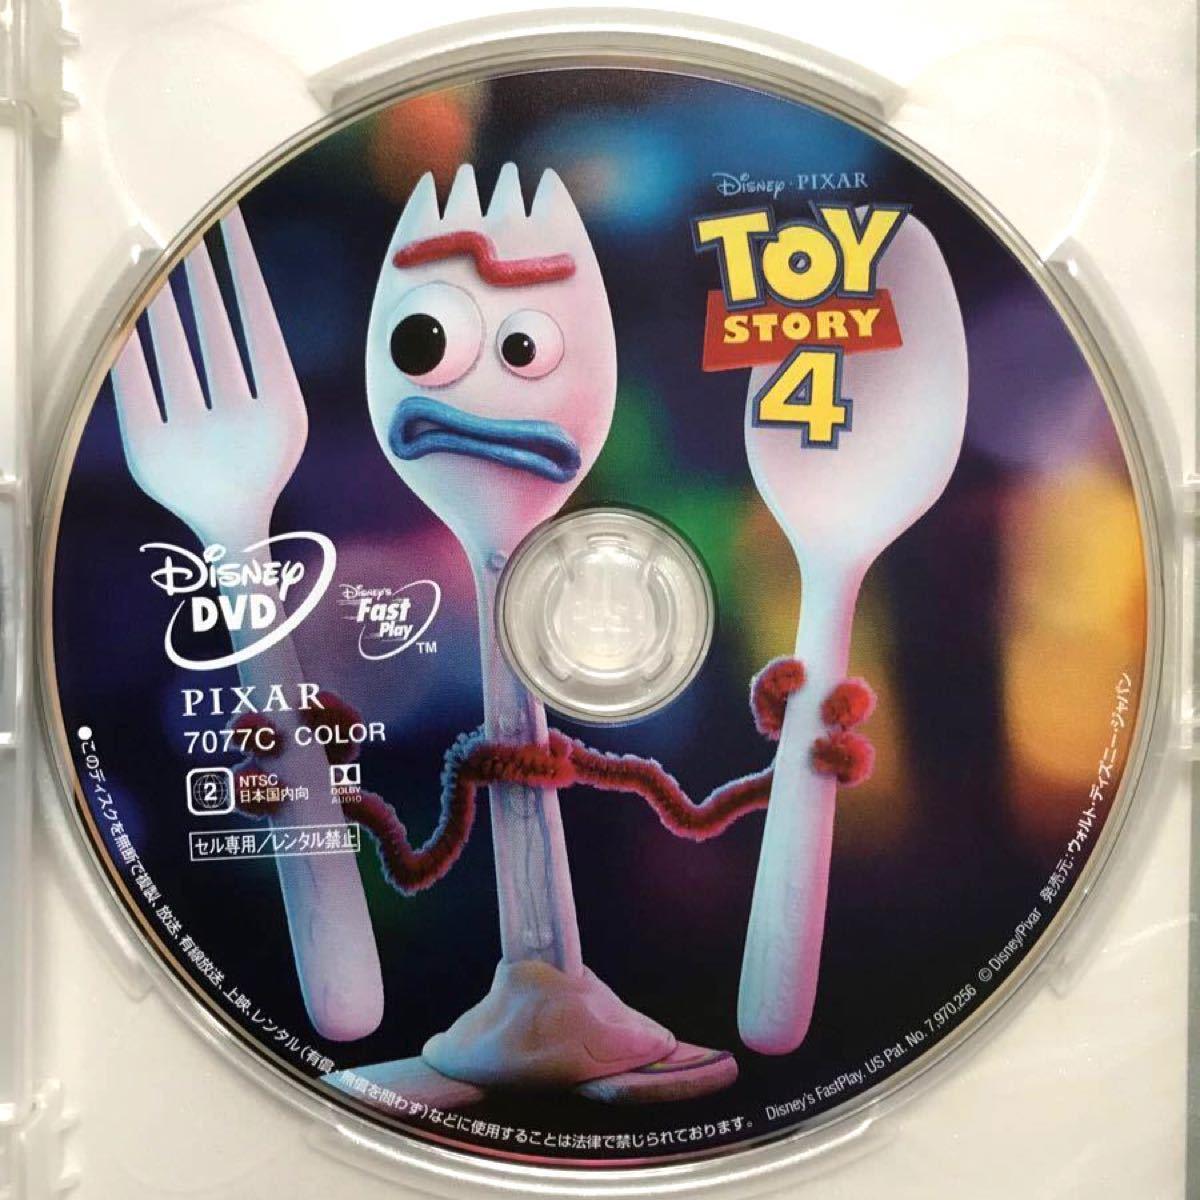 トイストーリー4 DVDディスク 日本正規版 新品未再生 MovieNEX ディズニー ピクサー